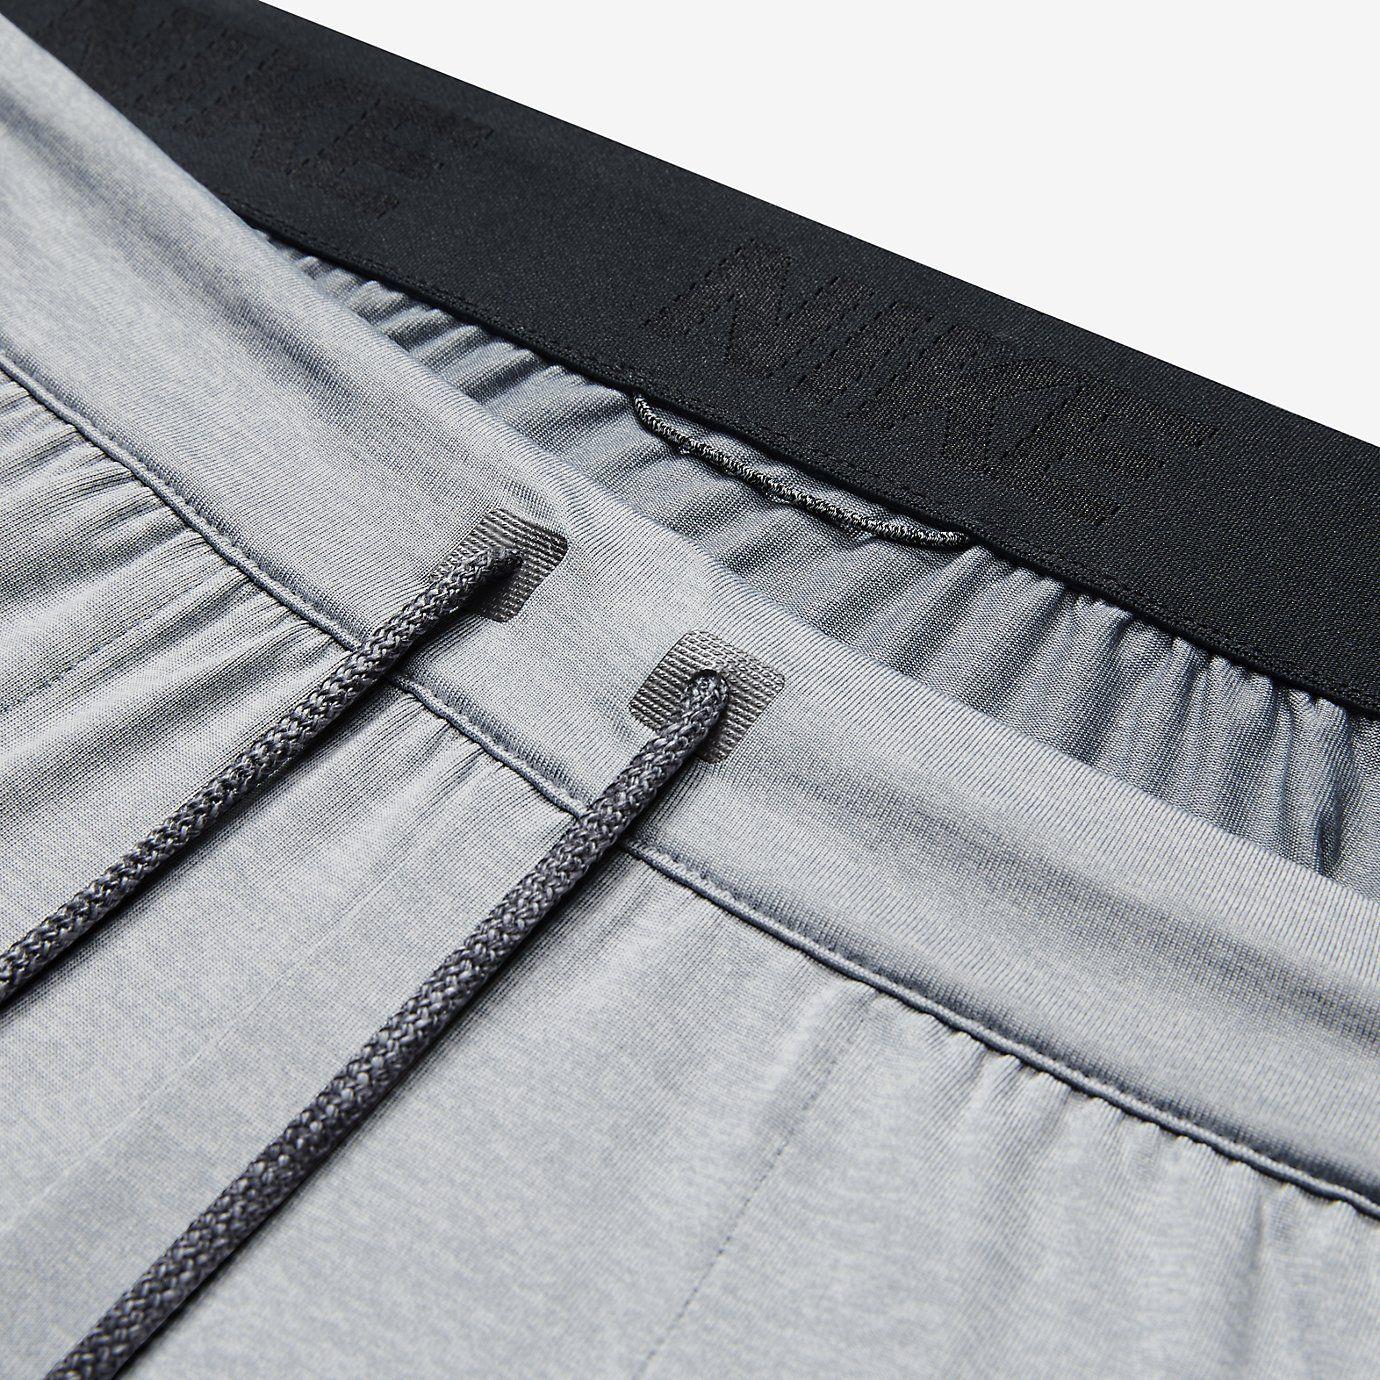 2e5c391cbe0b Nike Ultimate Dry Knit Men's Training Pants. Nike.com | soft goods ...